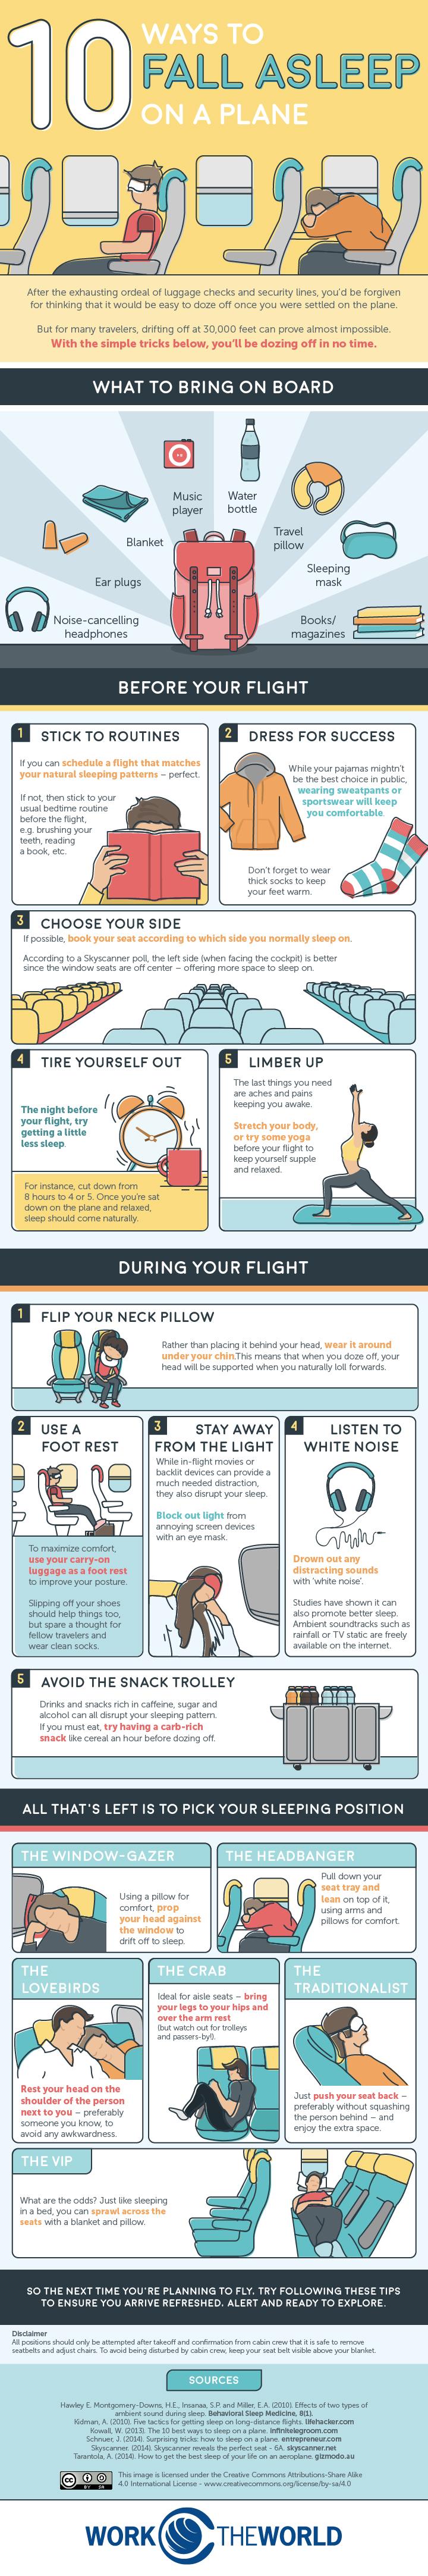 in slaap vallen vliegtuig infographic